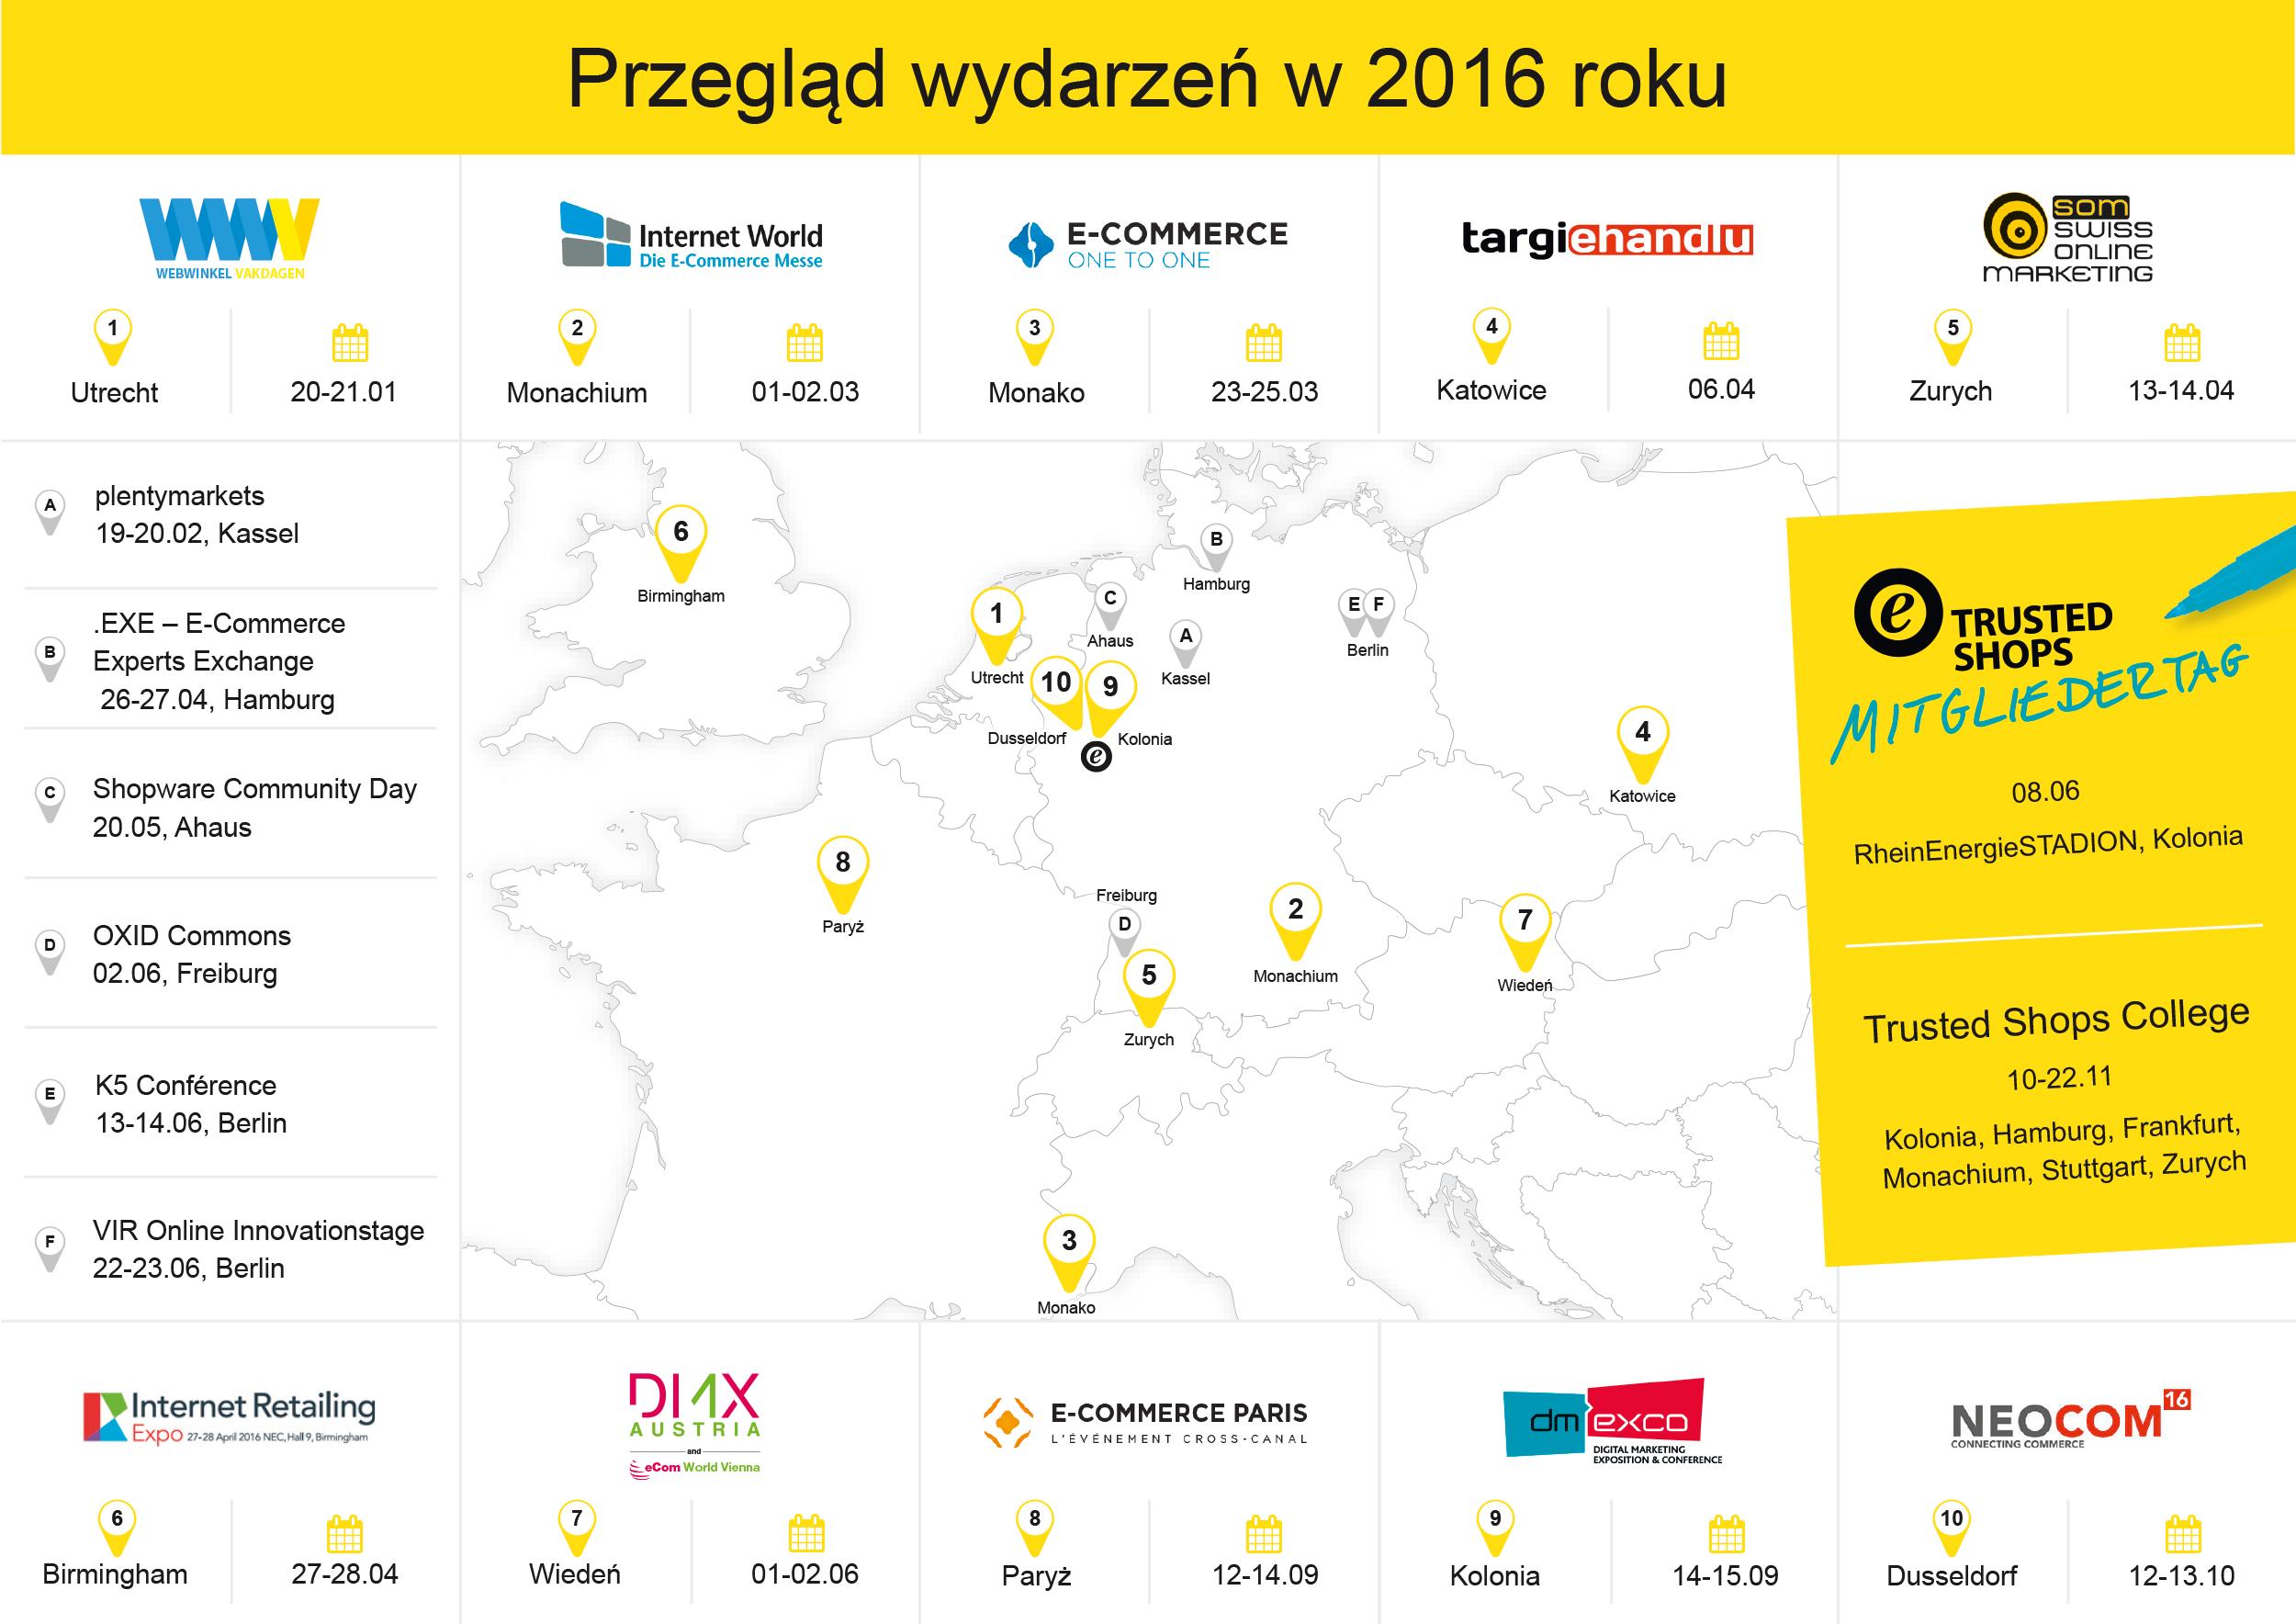 20151103_Abbildung_Event_Übersicht_2016_pl-PL